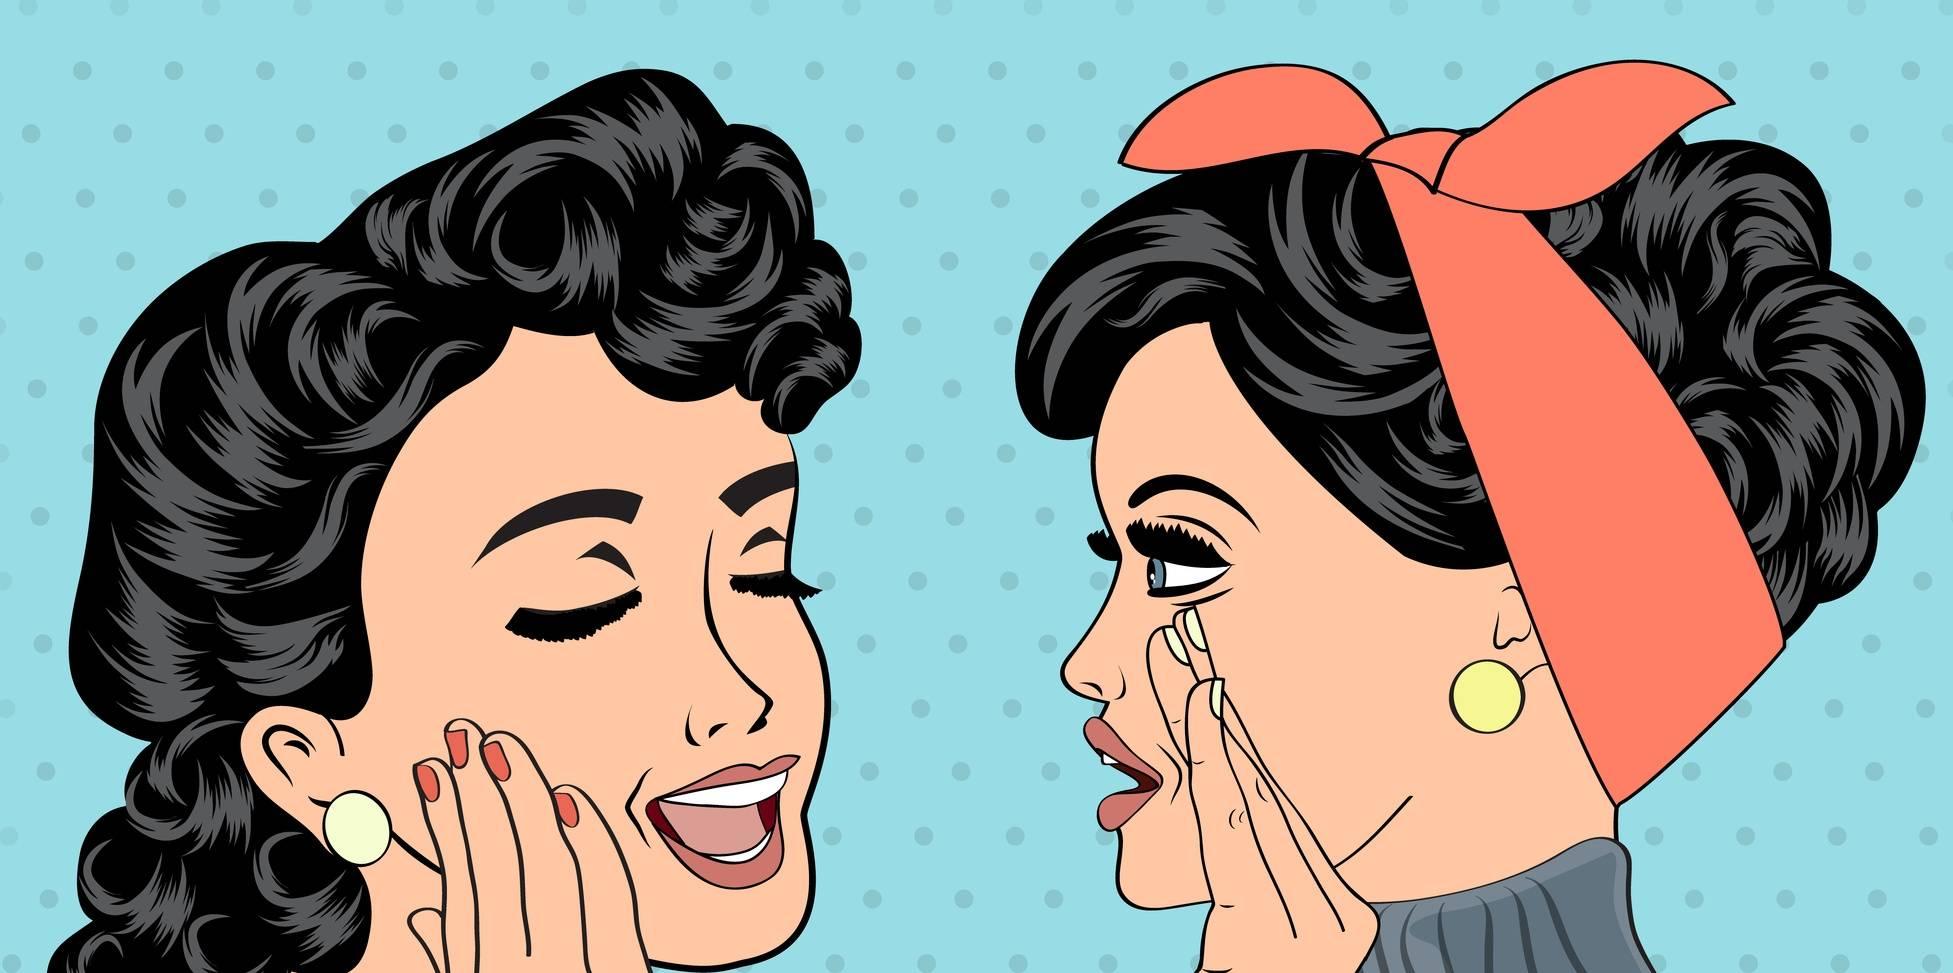 Jak walczyć z plotkarzami? Jak ochronić się przed plotką na swój temat?